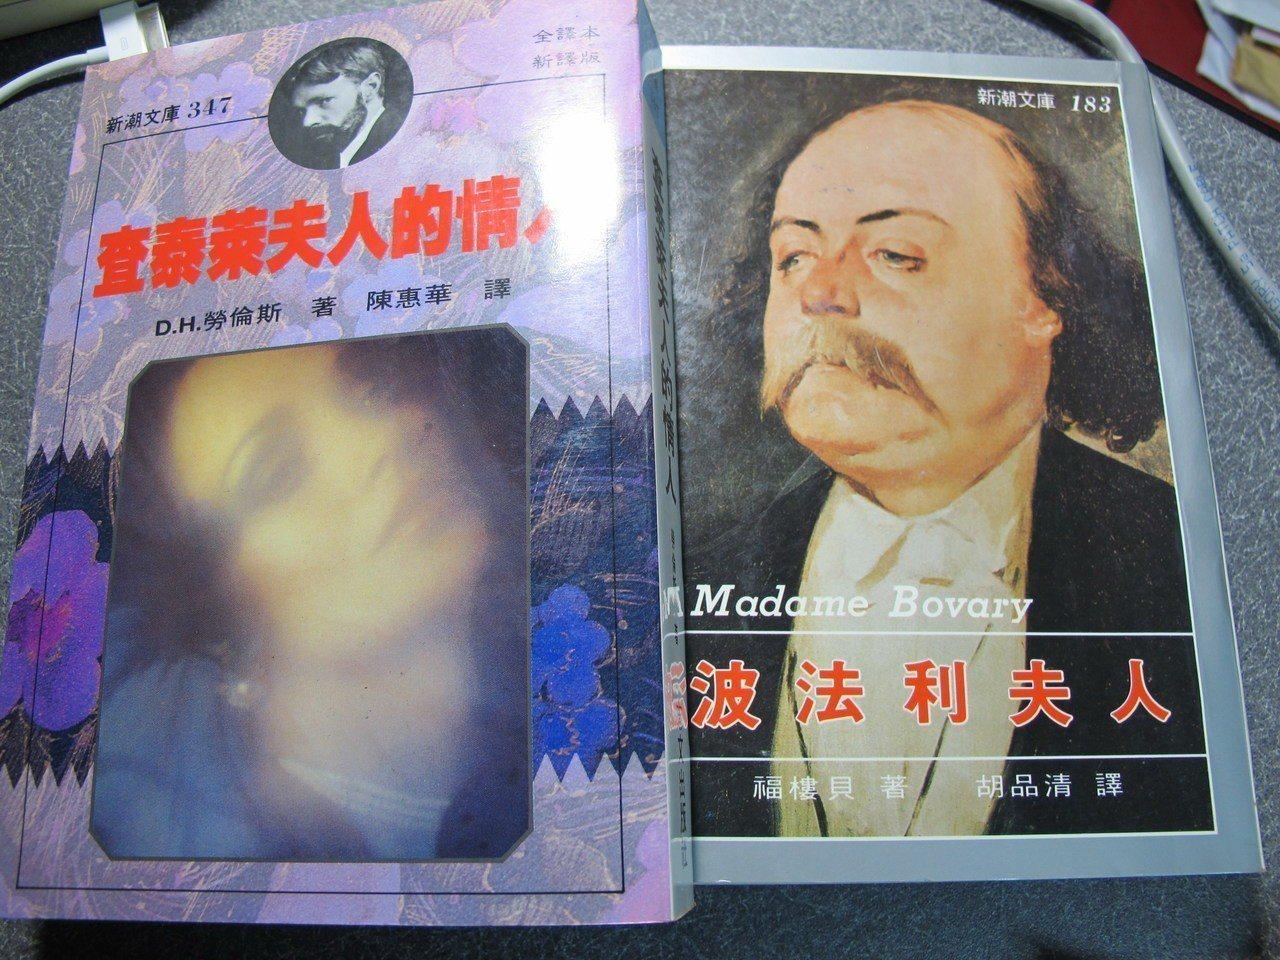 30歲以上的台灣讀書人,書櫃裡一定有一本志文出版社的書。記者陳宛茜/攝影